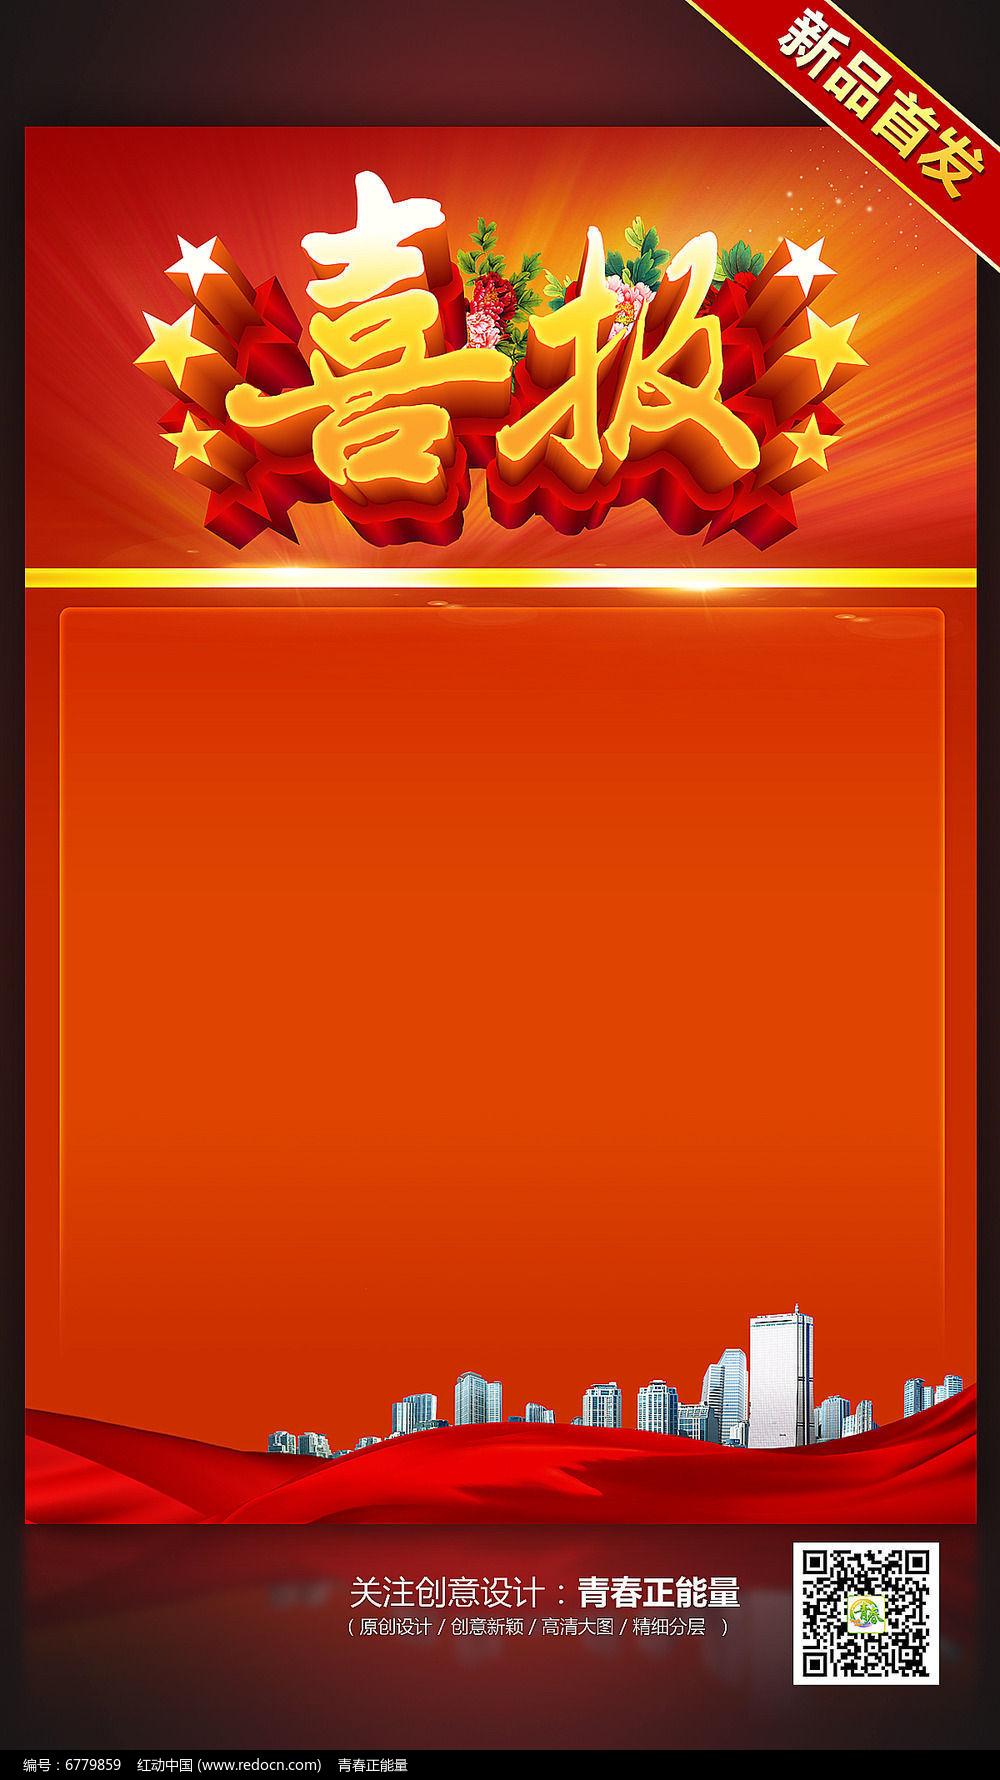 大气红色喜庆喜报模板设计